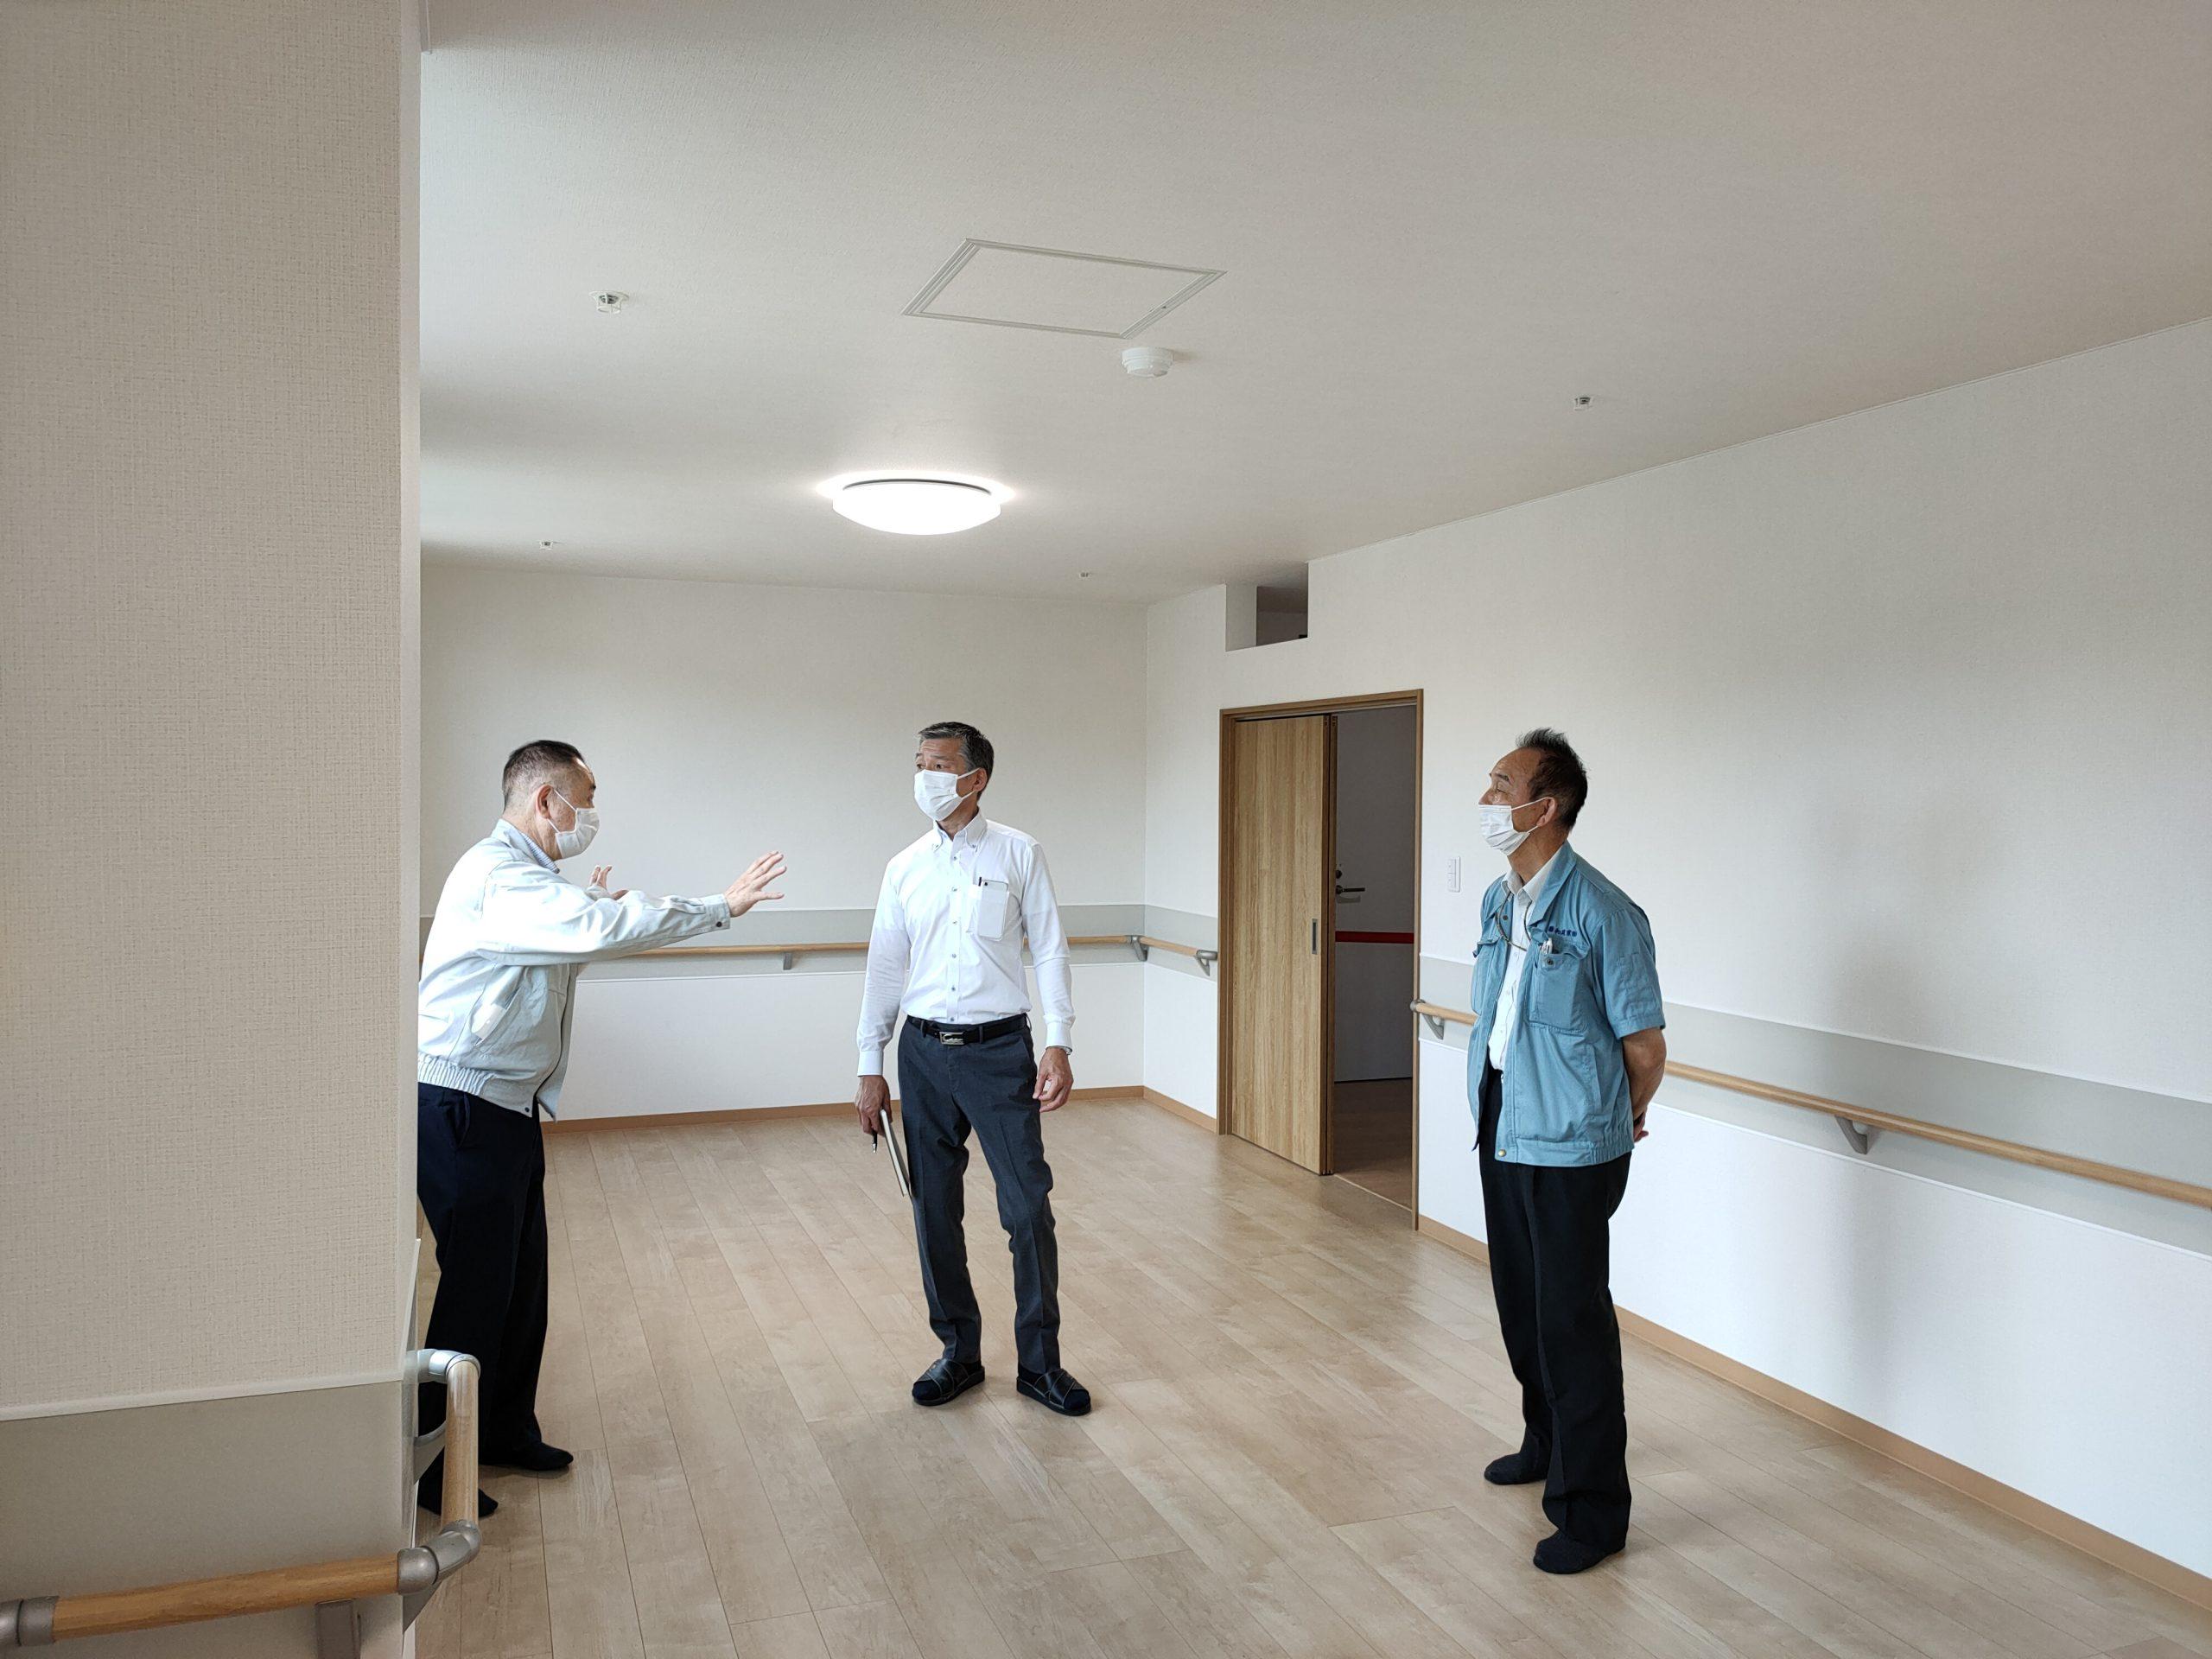 グループホームふるさと様 増築工事設計